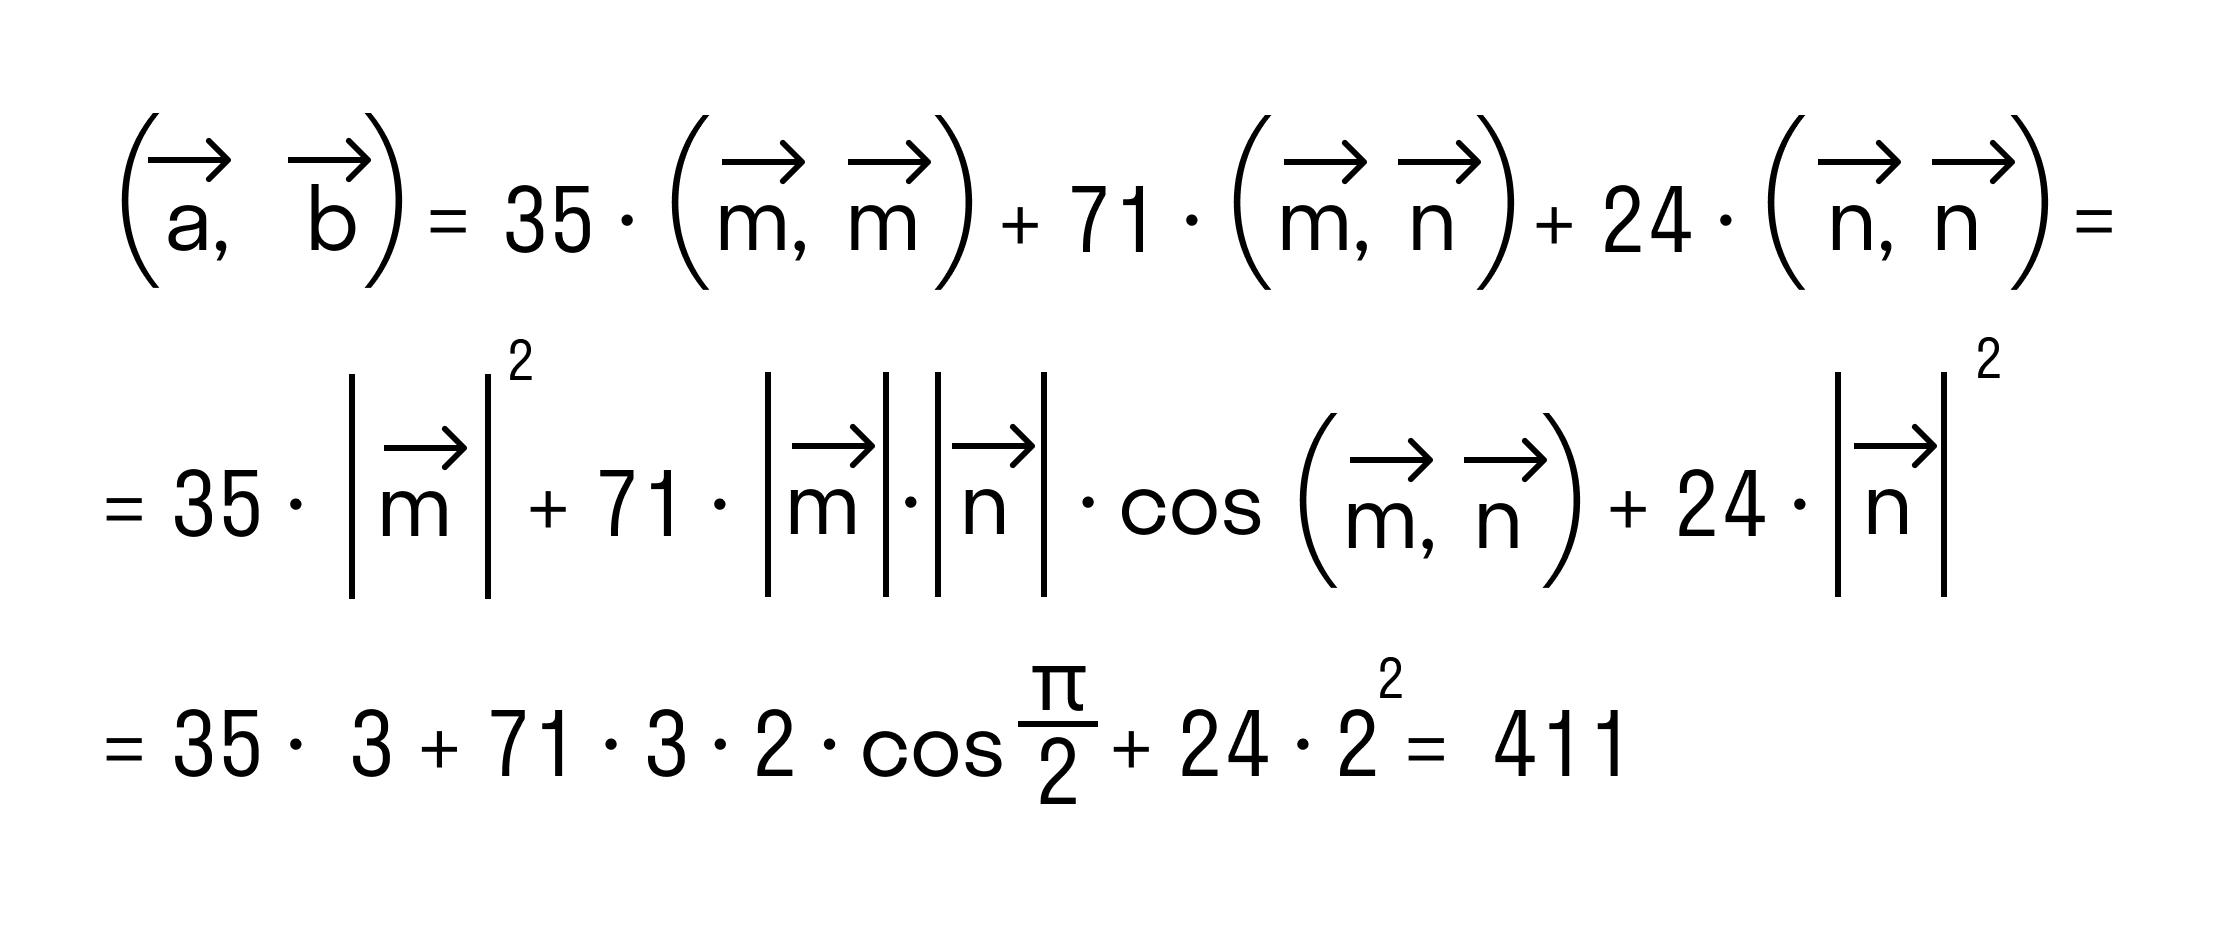 формулу для вычисления скалярного произведения через длины векторов и косинус угла между ними